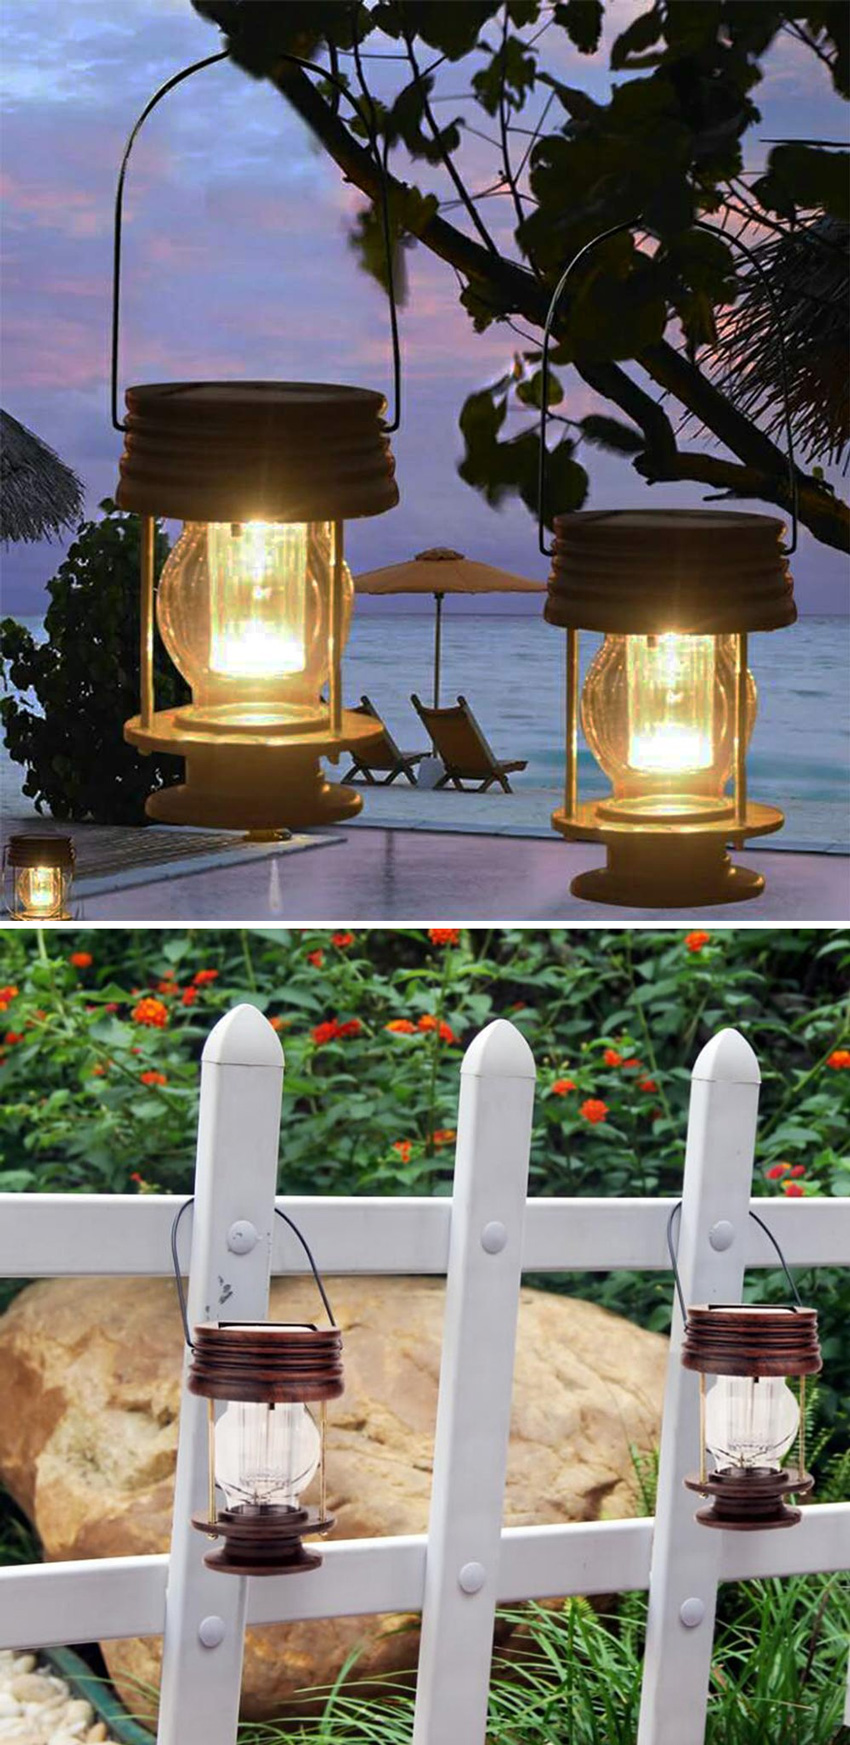 lanterne romantiche da esterno ad energia solare, ottimo per decorare una cerimonia.